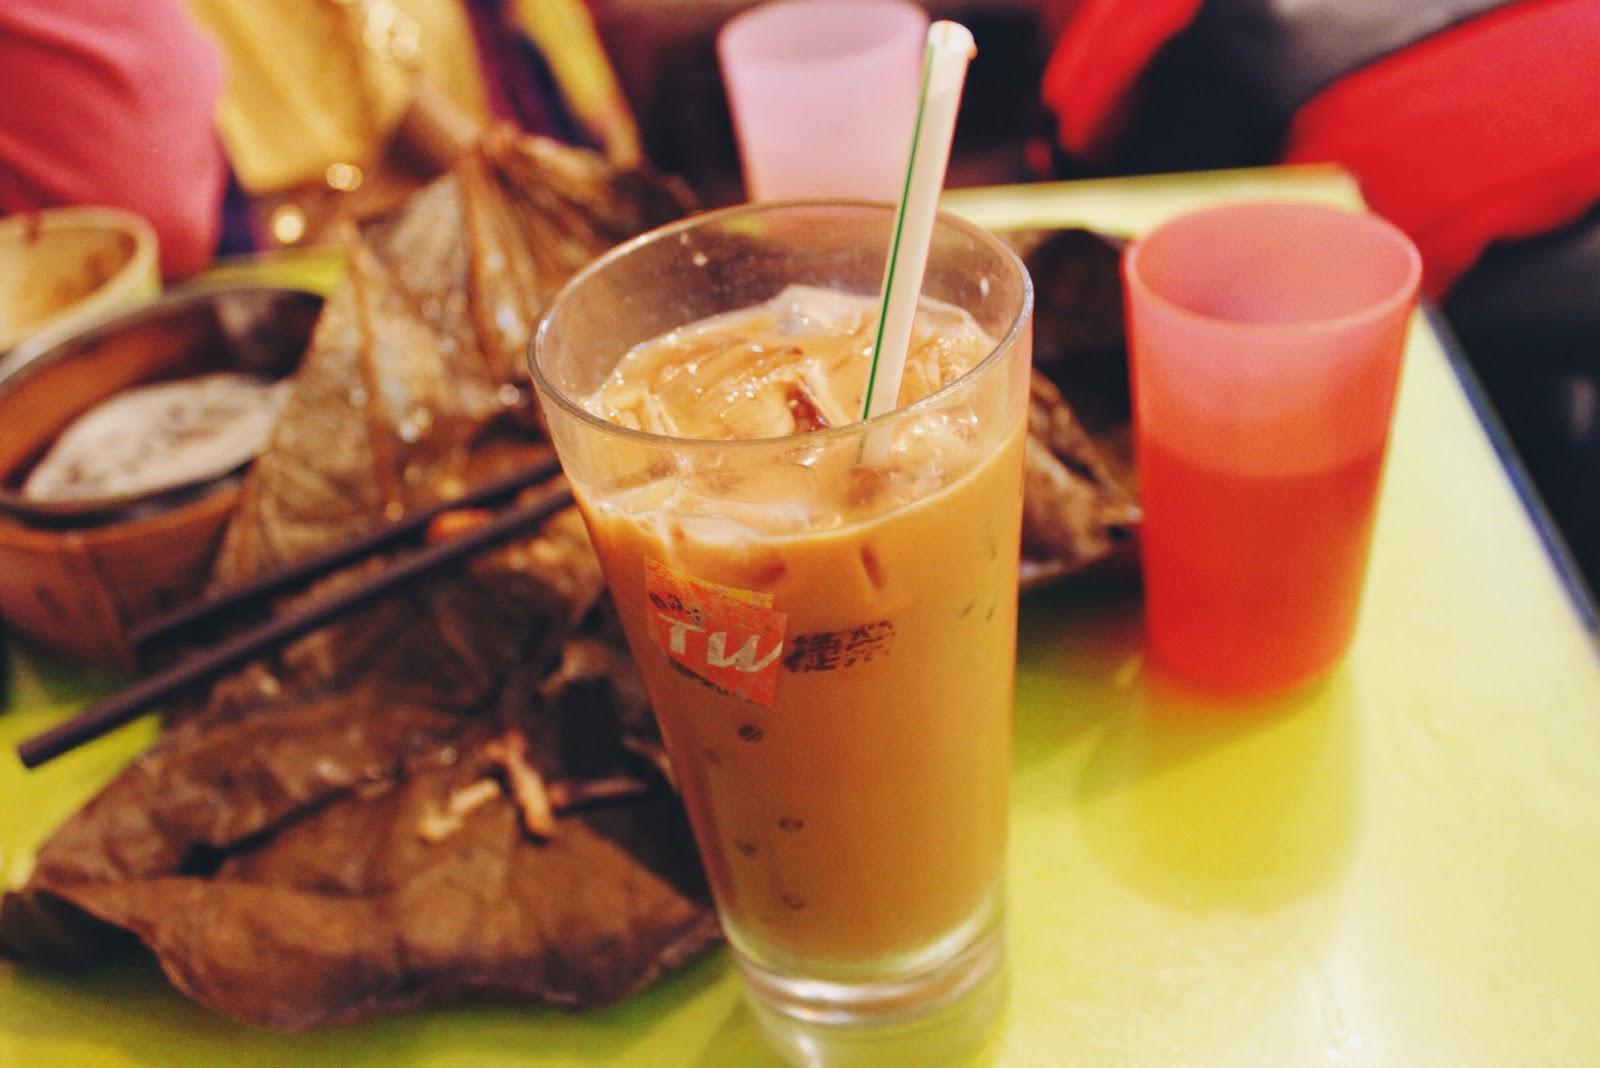 港式奶茶, 富麗餐廳 Fu Li Restaurant @ 香港元朗 Yuen Long, Hong Kong